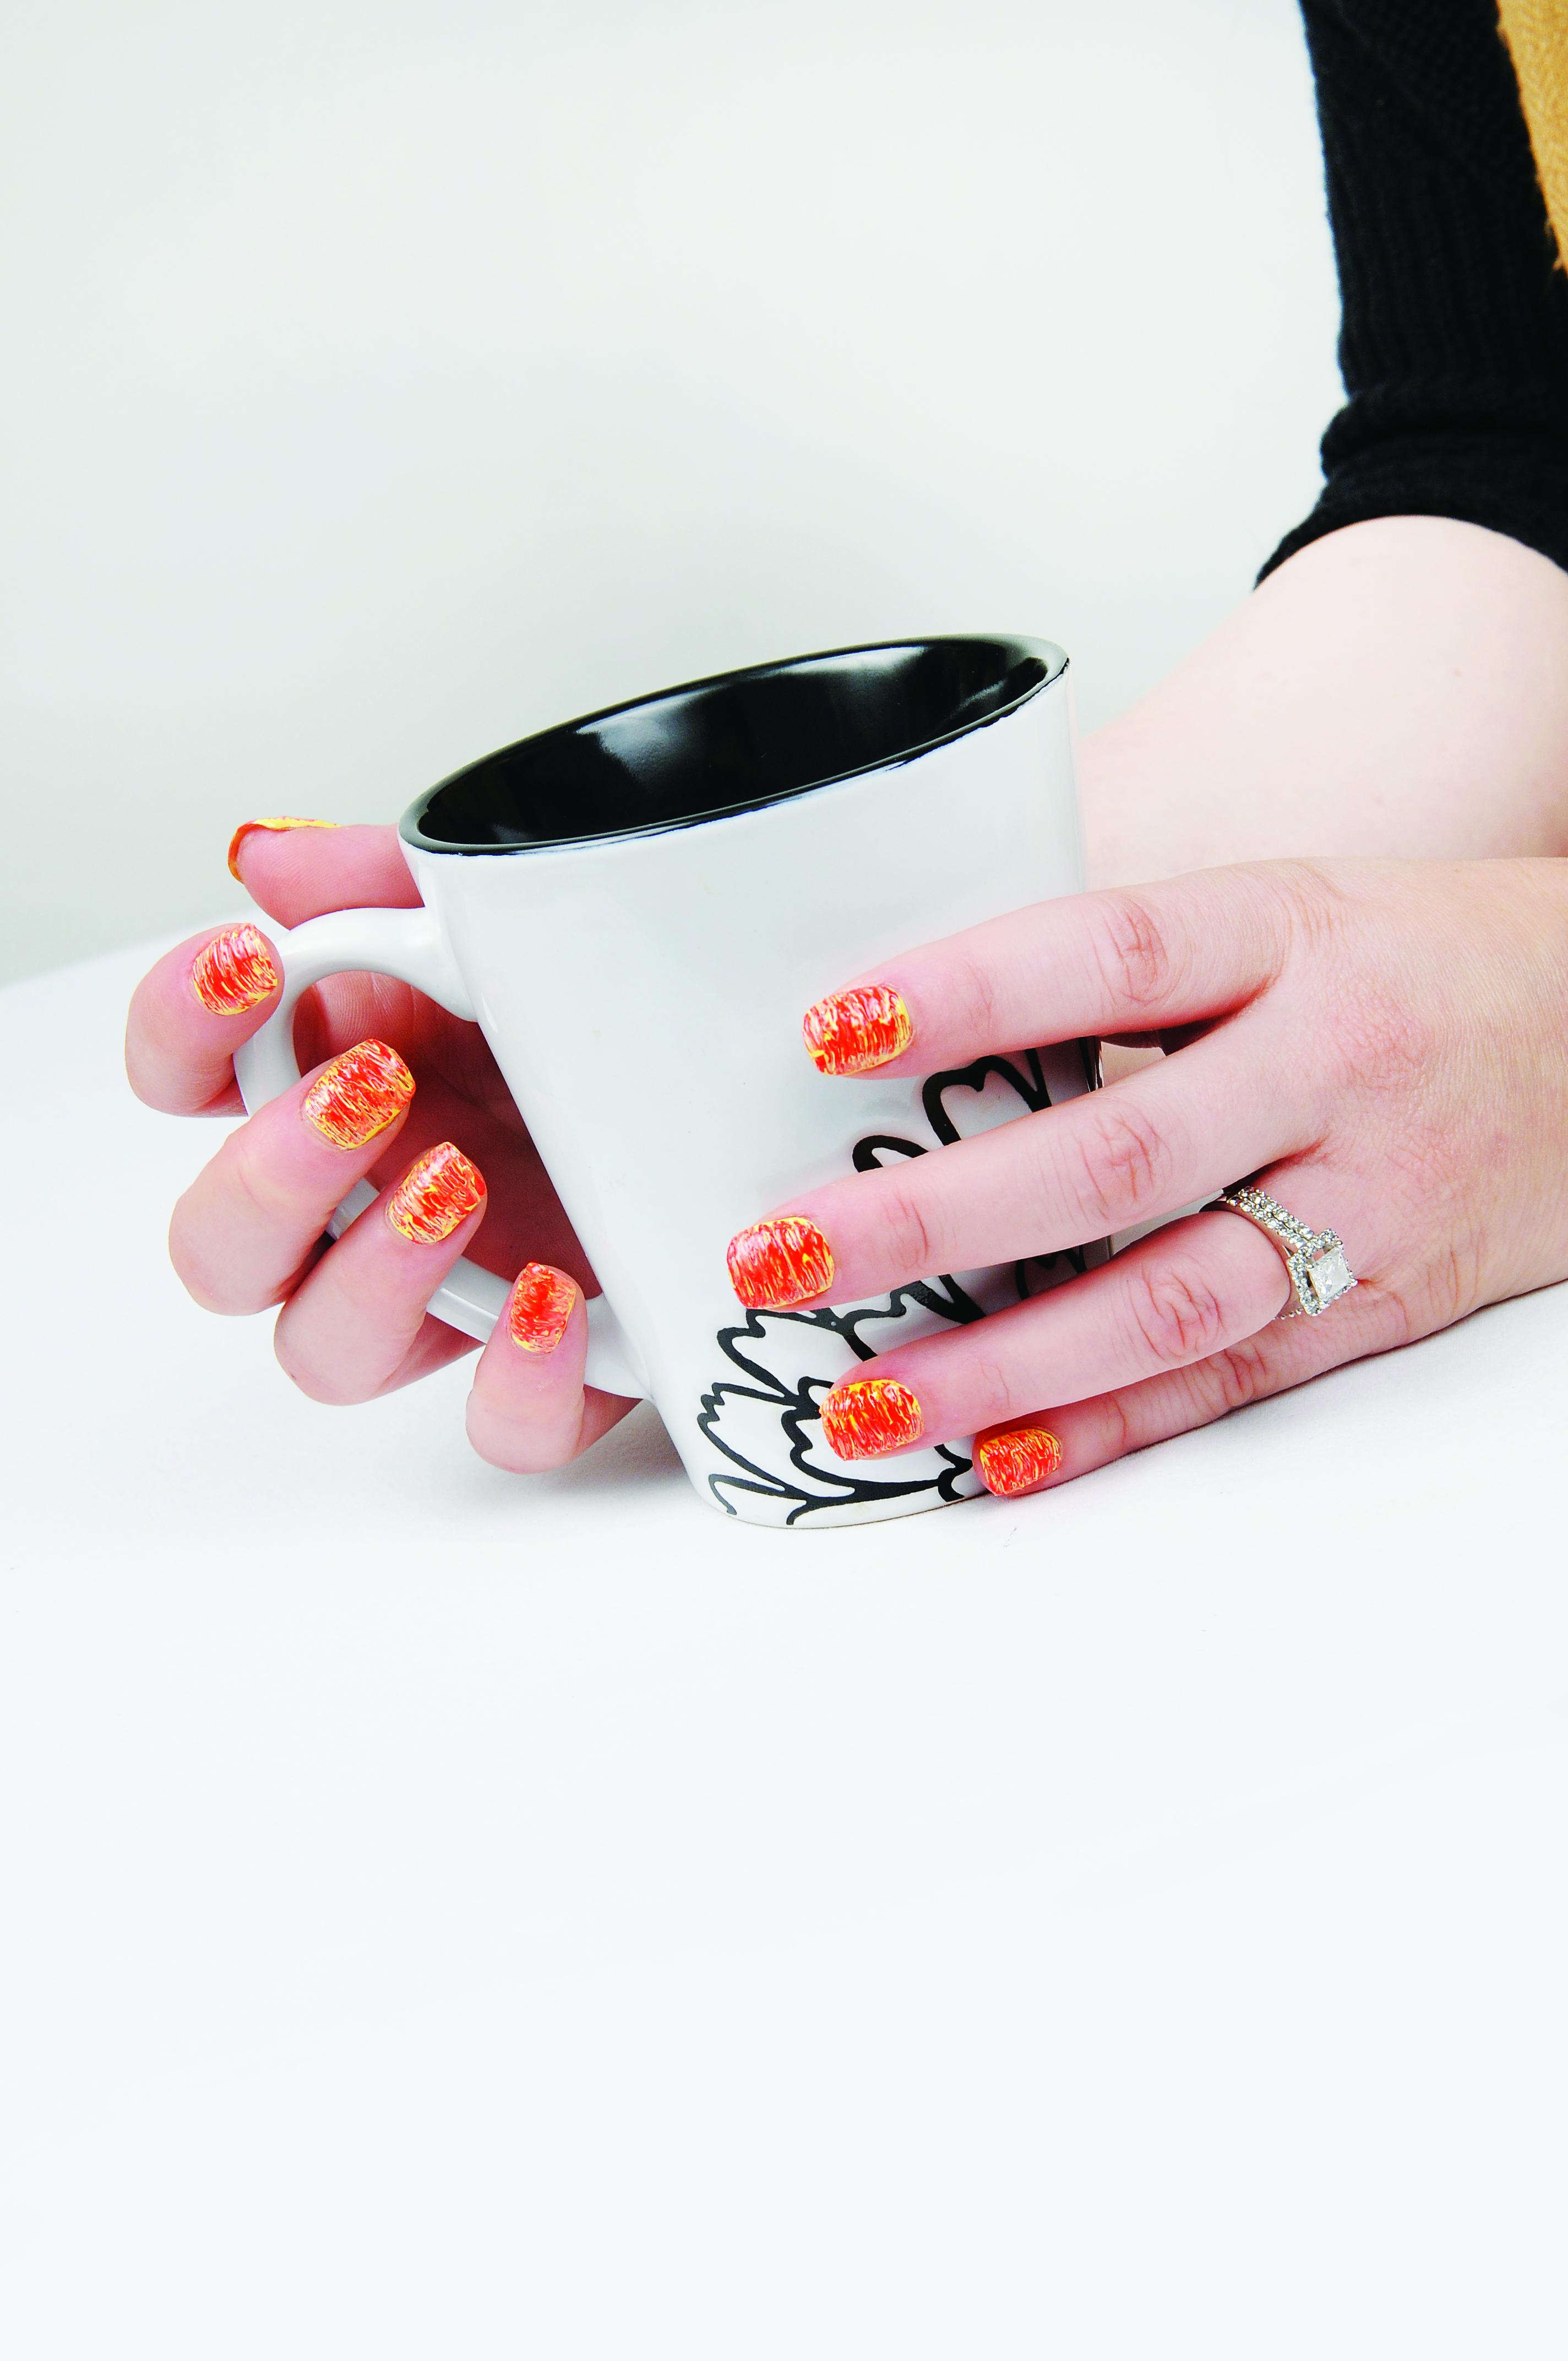 Kimmie Kyees' Q-tip Nail Art Technique